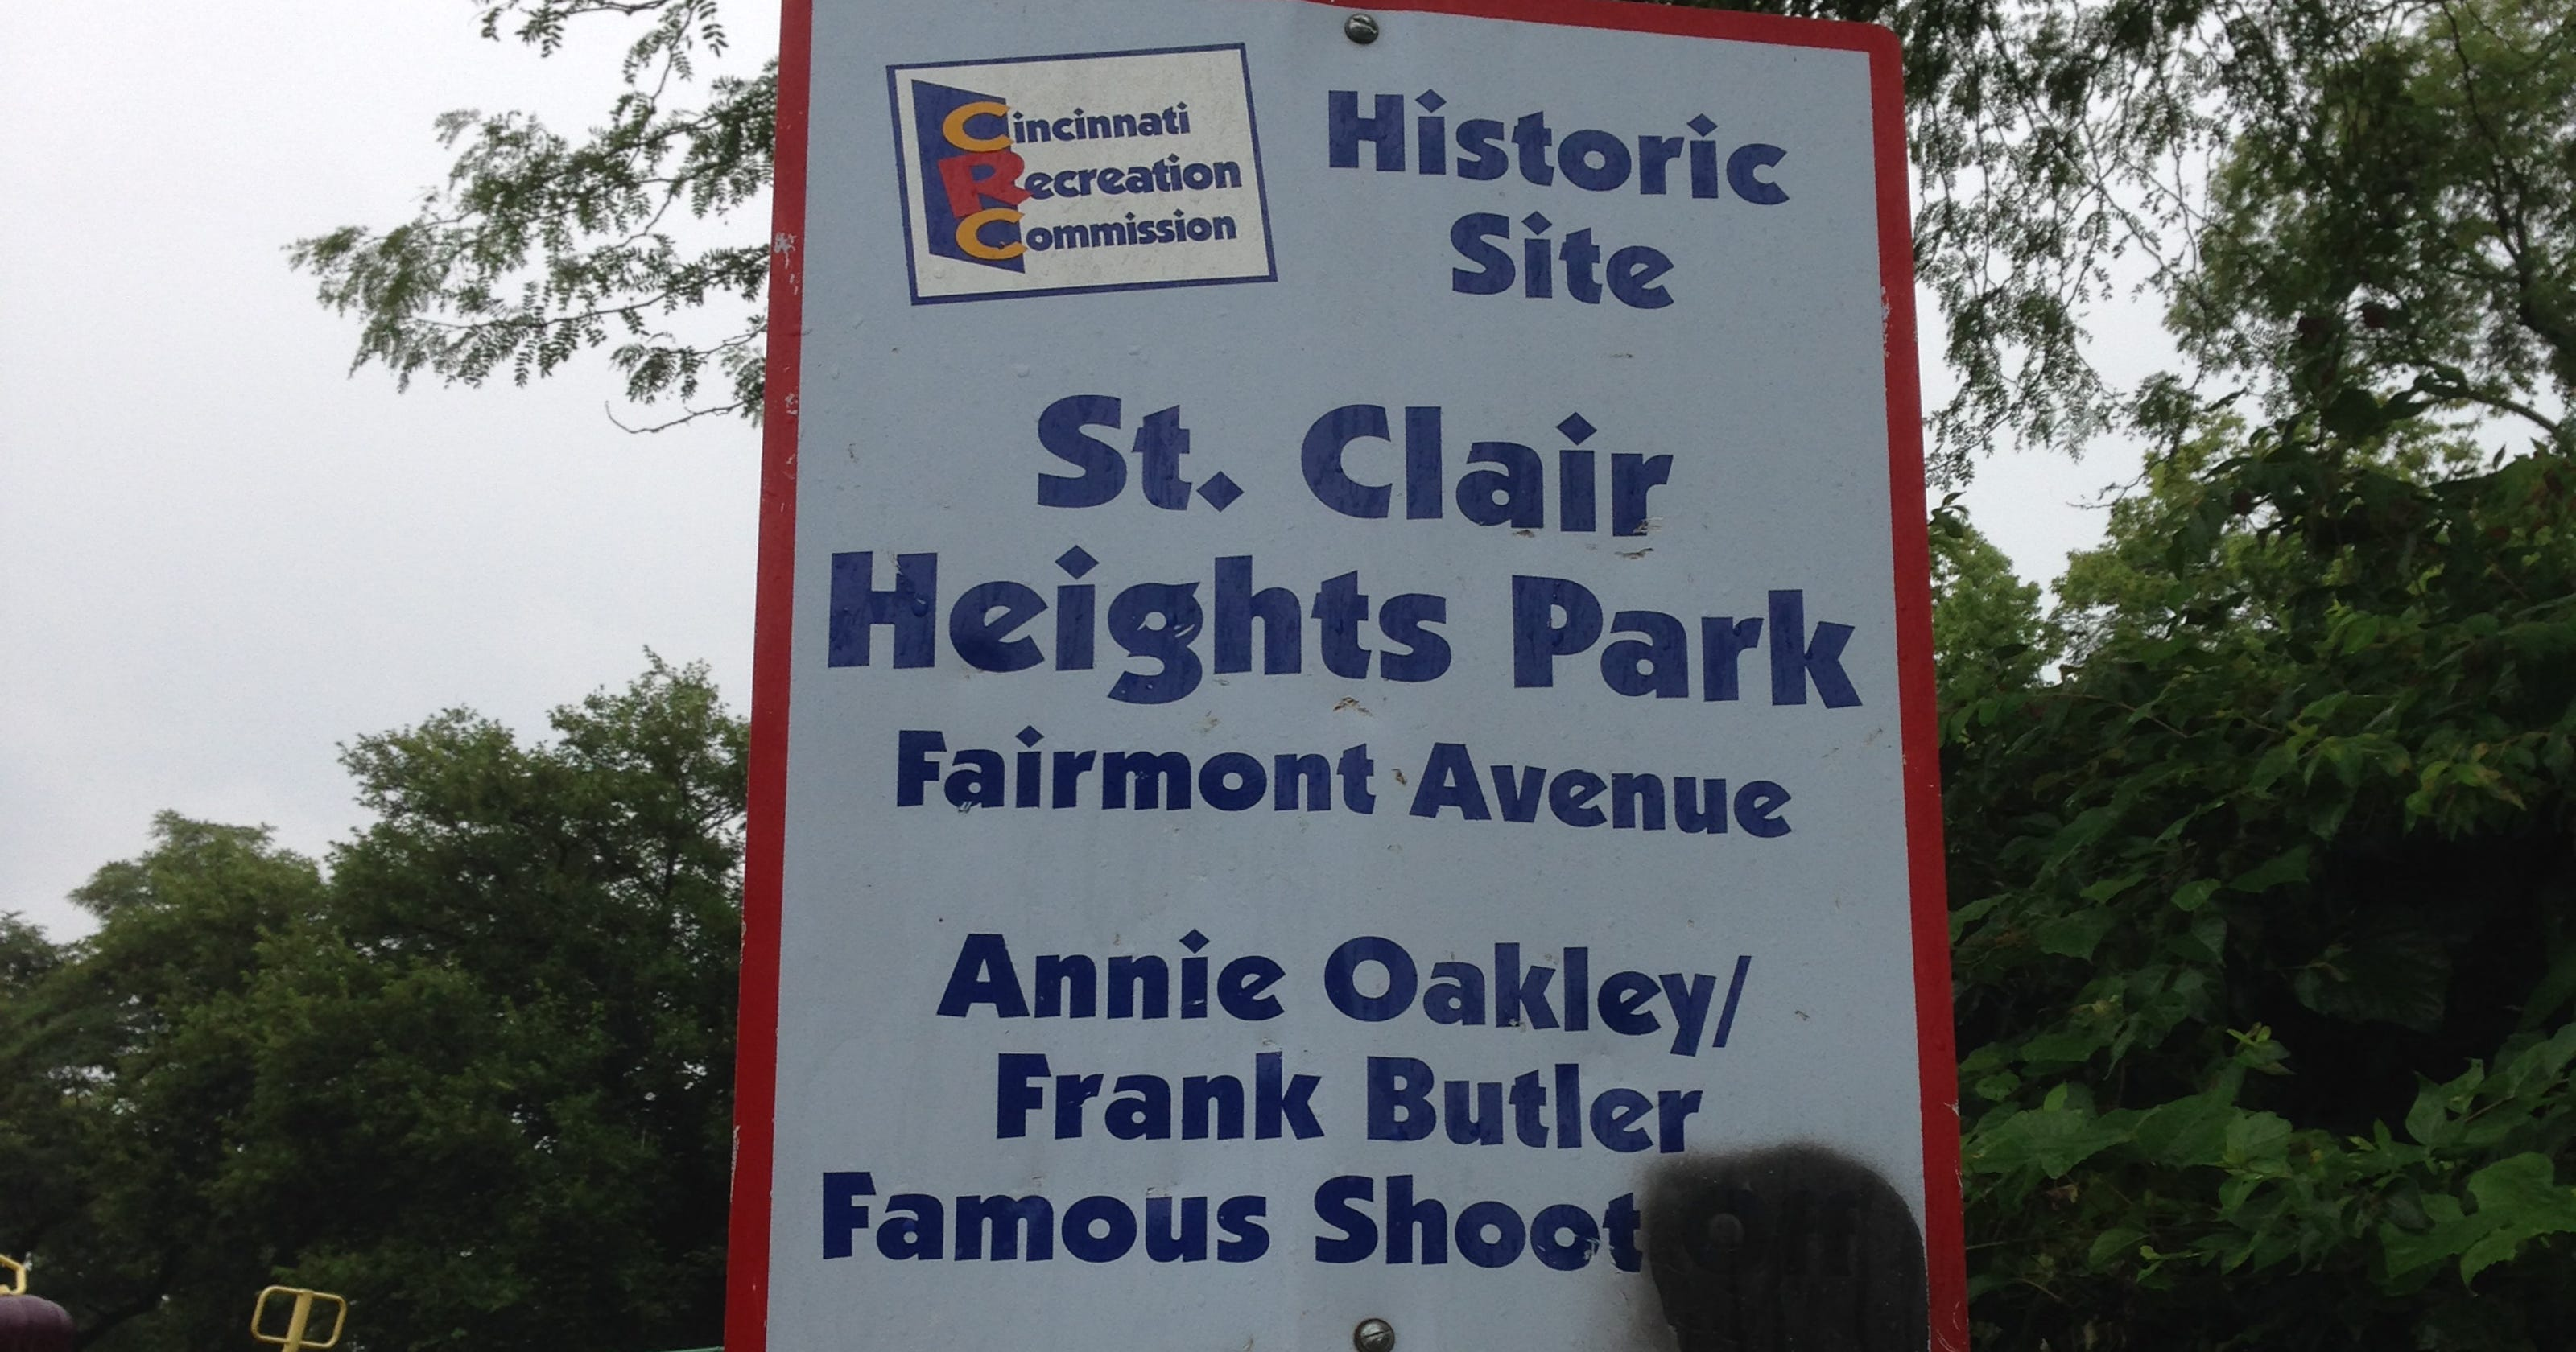 Did Annie Oakley Shooting Contest Happen In Cincinnati